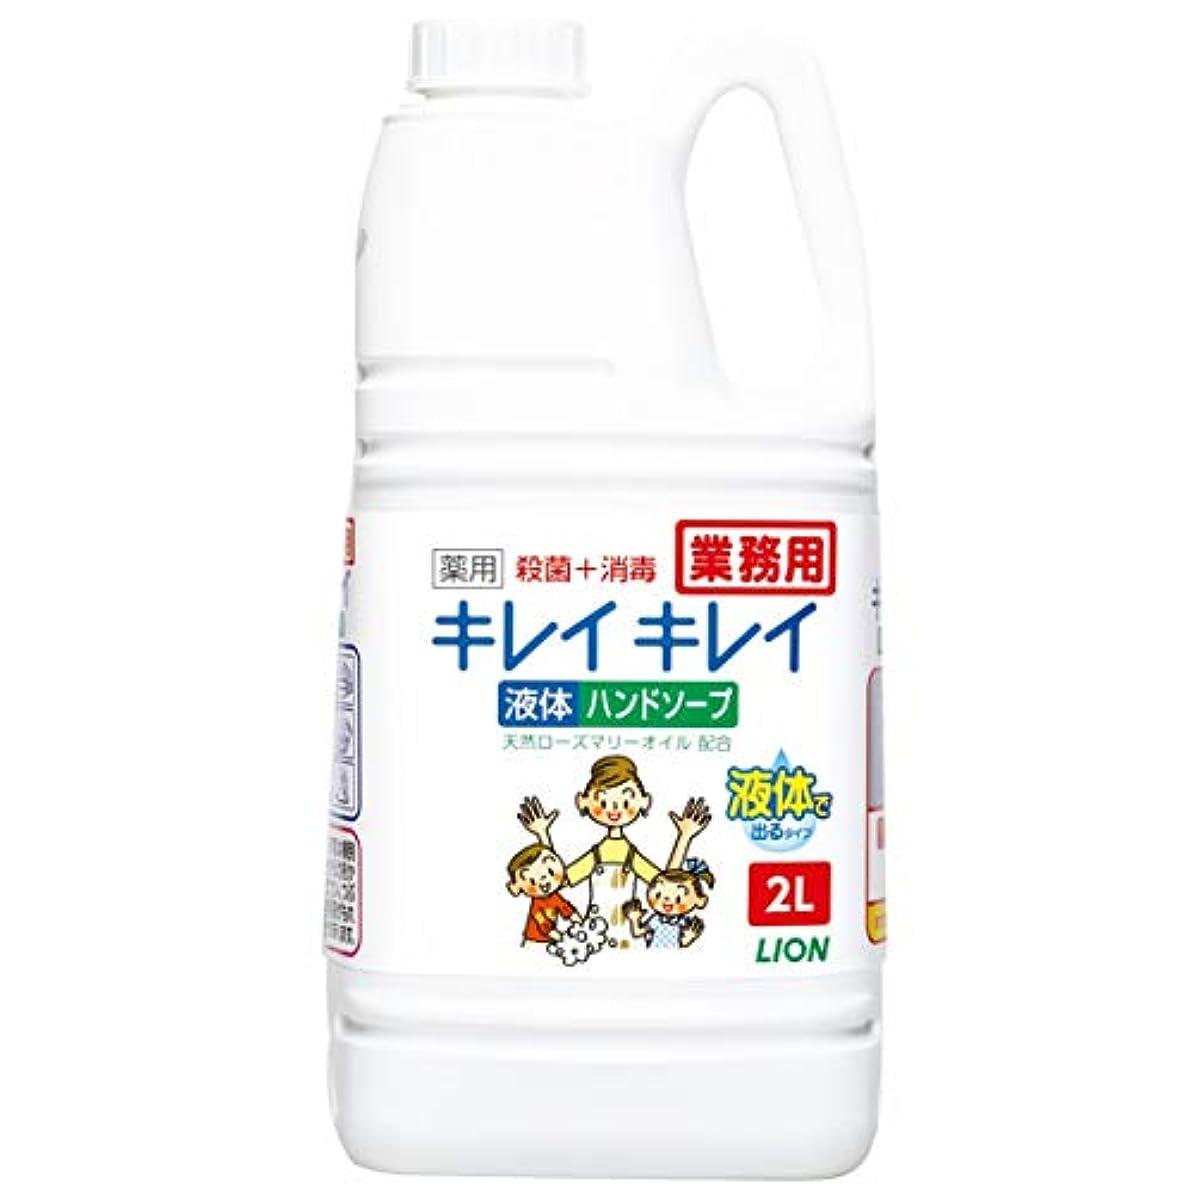 祖父母を訪問艦隊喉頭【業務用 大容量】キレイキレイ 薬用 ハンドソープ 2L(医薬部外品)